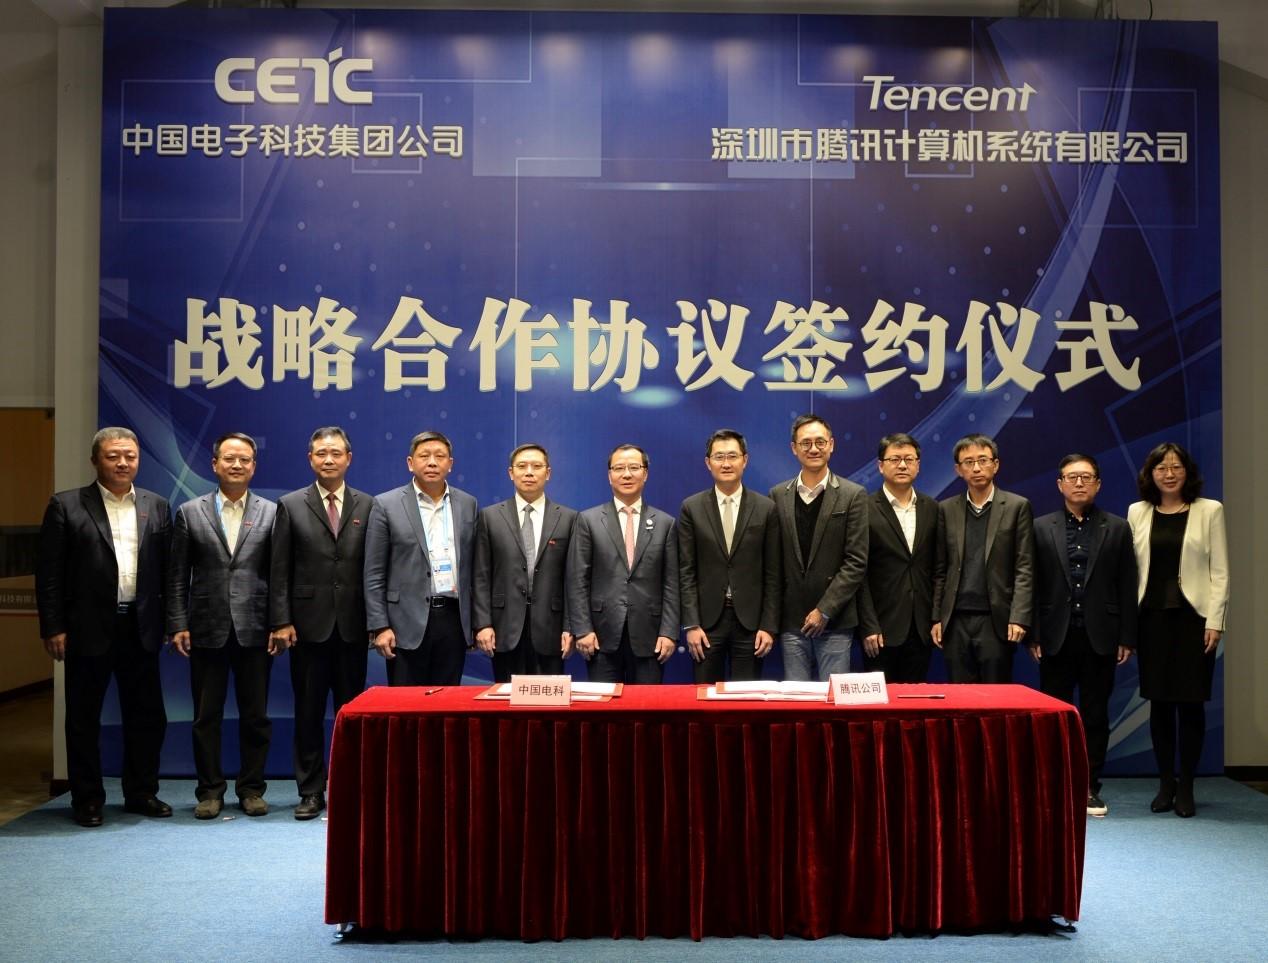 腾讯与中国电科战略合作签约 共建人工智能平台